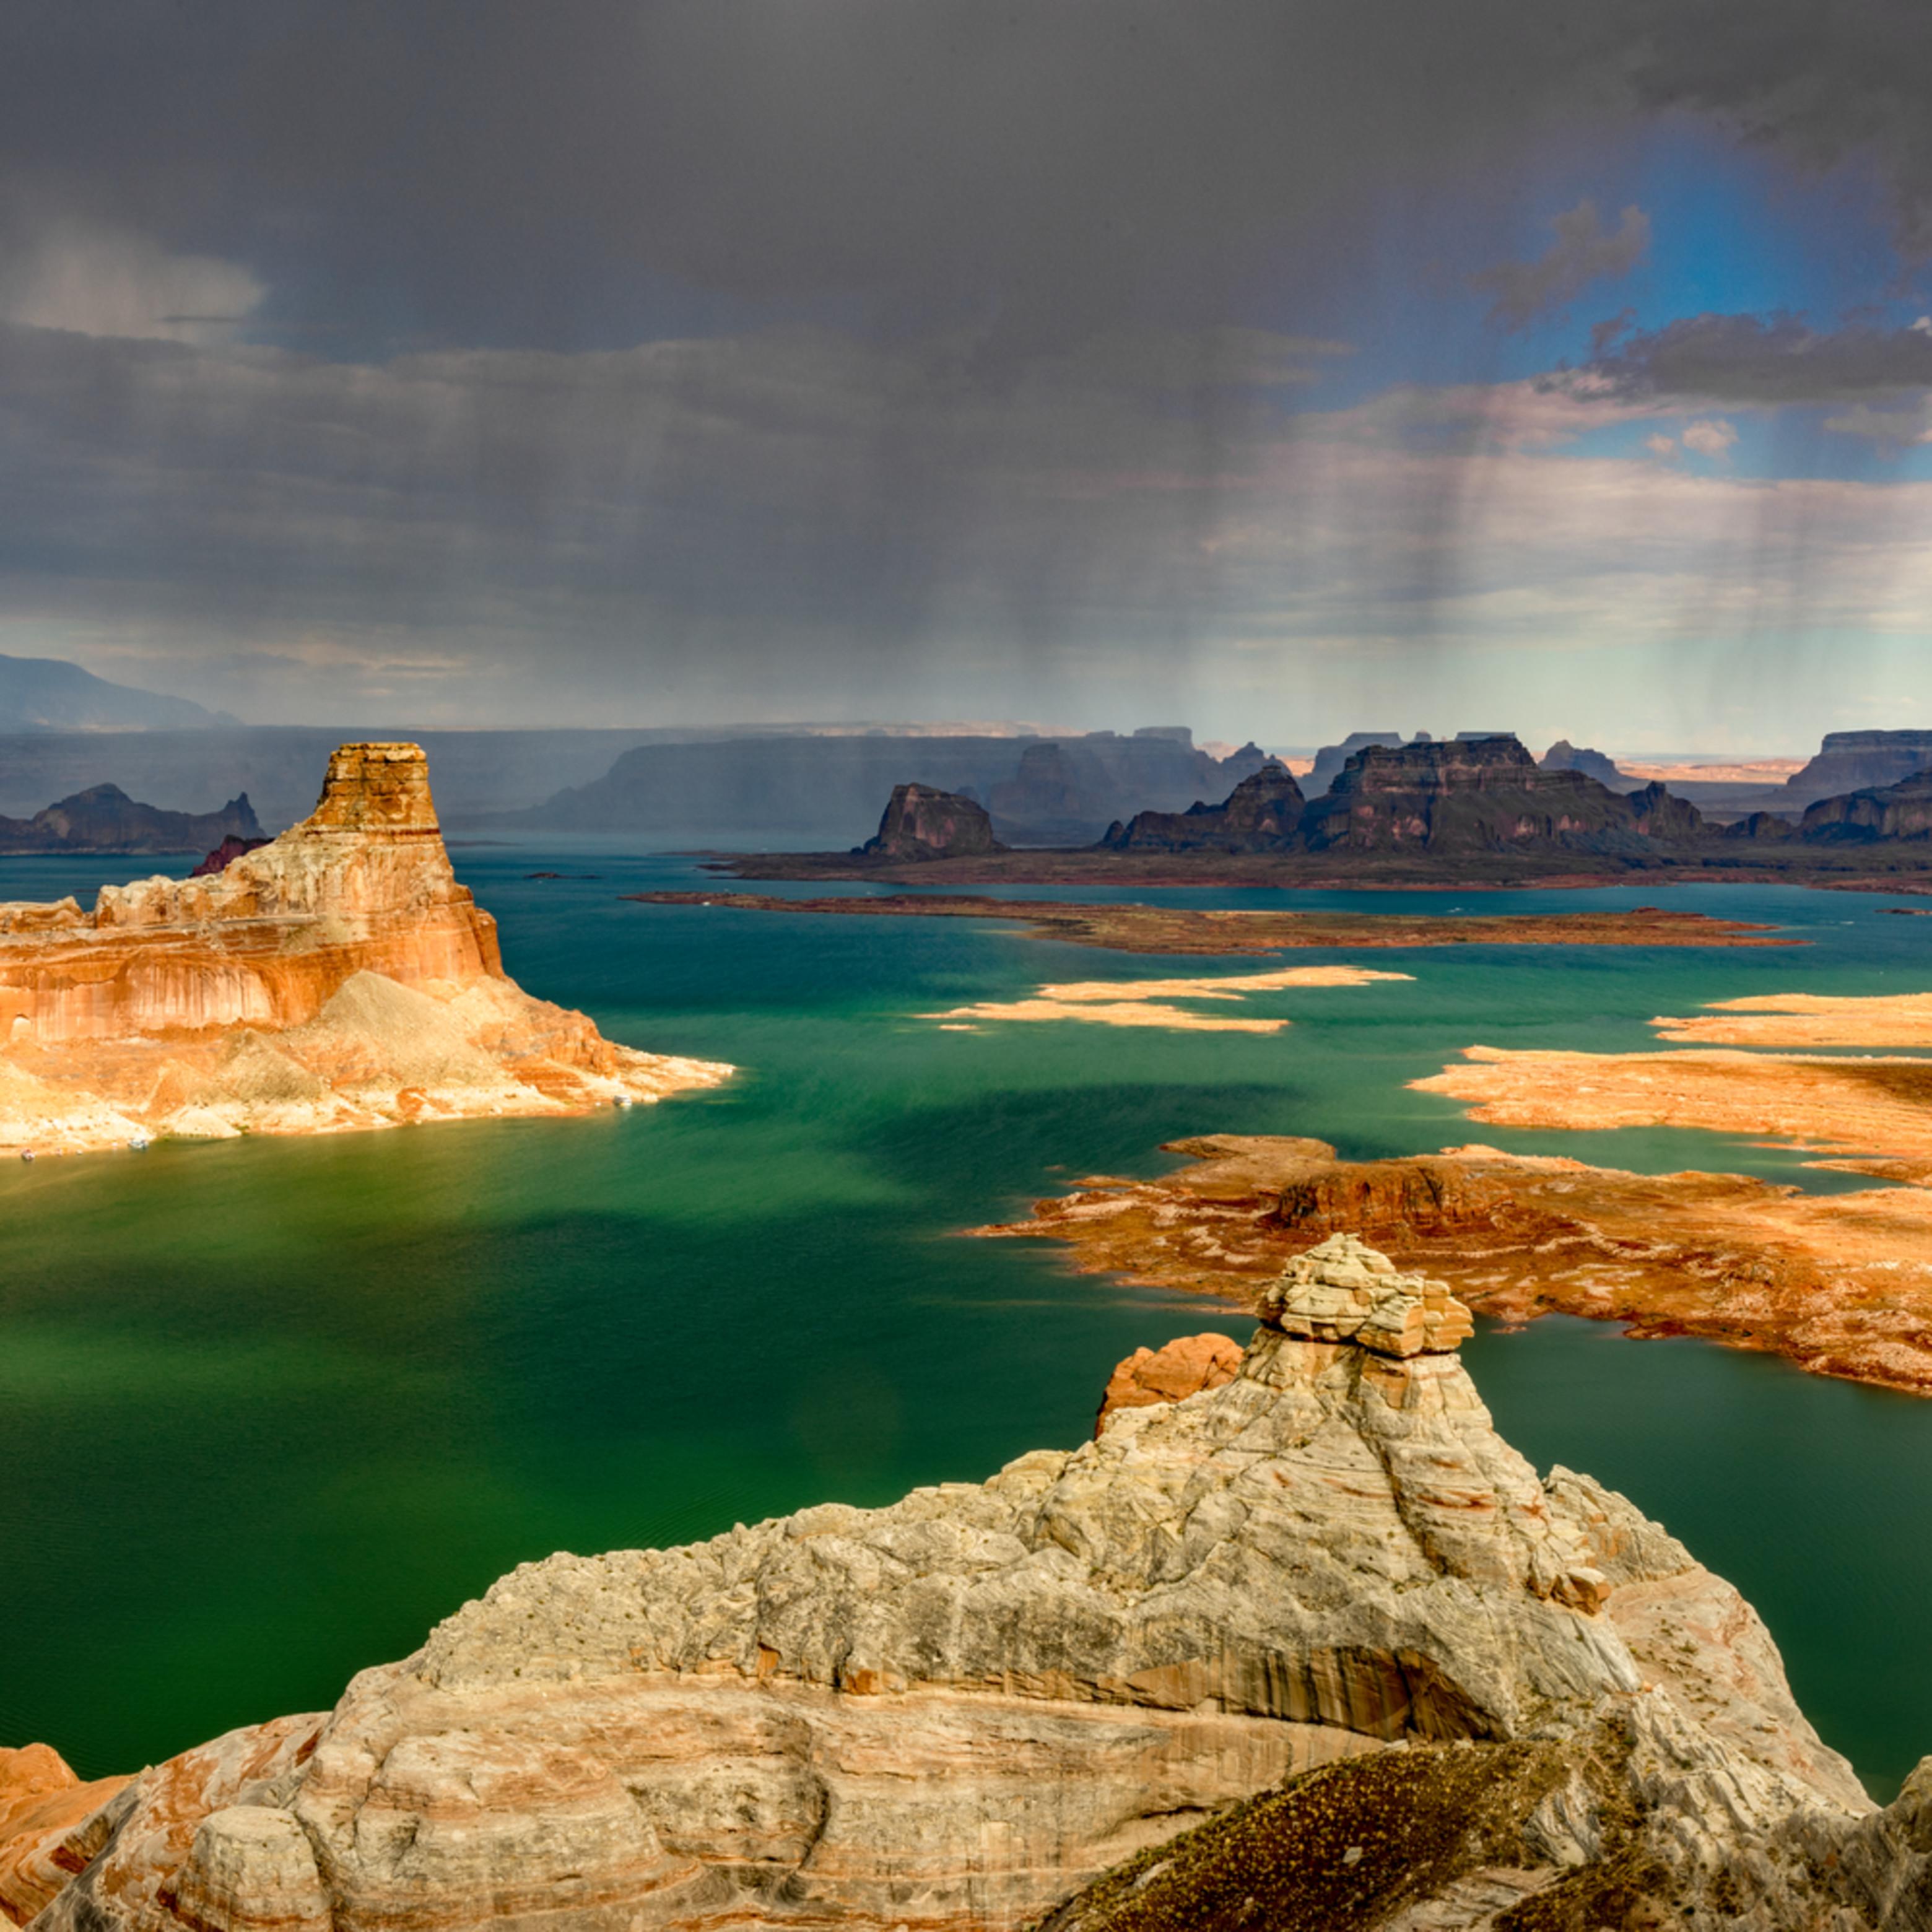 Lake powell monsoon lre2ik